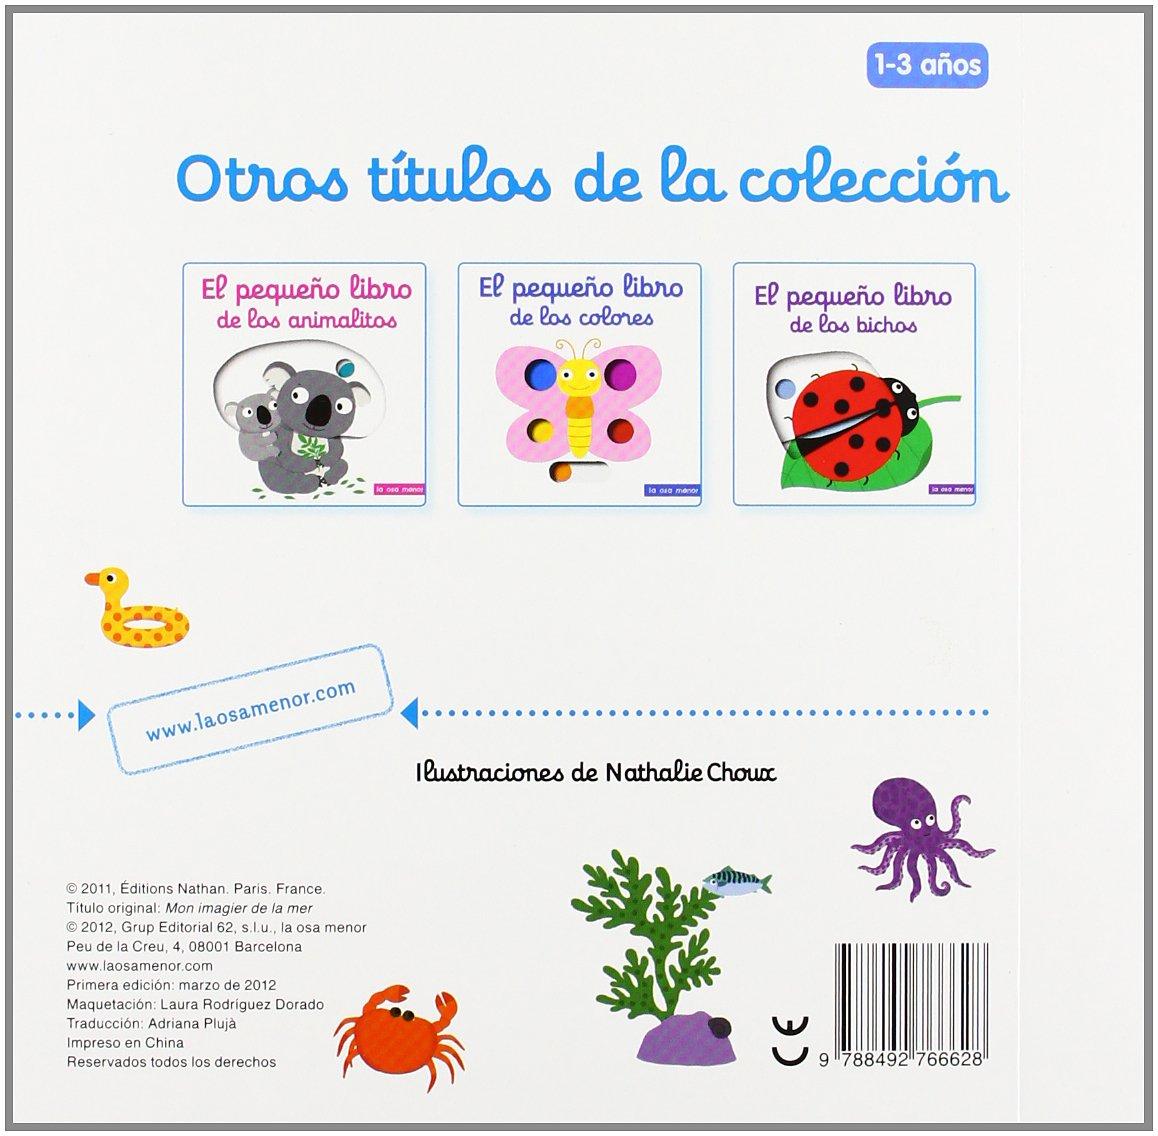 El pequeño libro del mar (Luna de papel): Amazon.es: Nathalie Choux,  Adriana Plujà: Libros